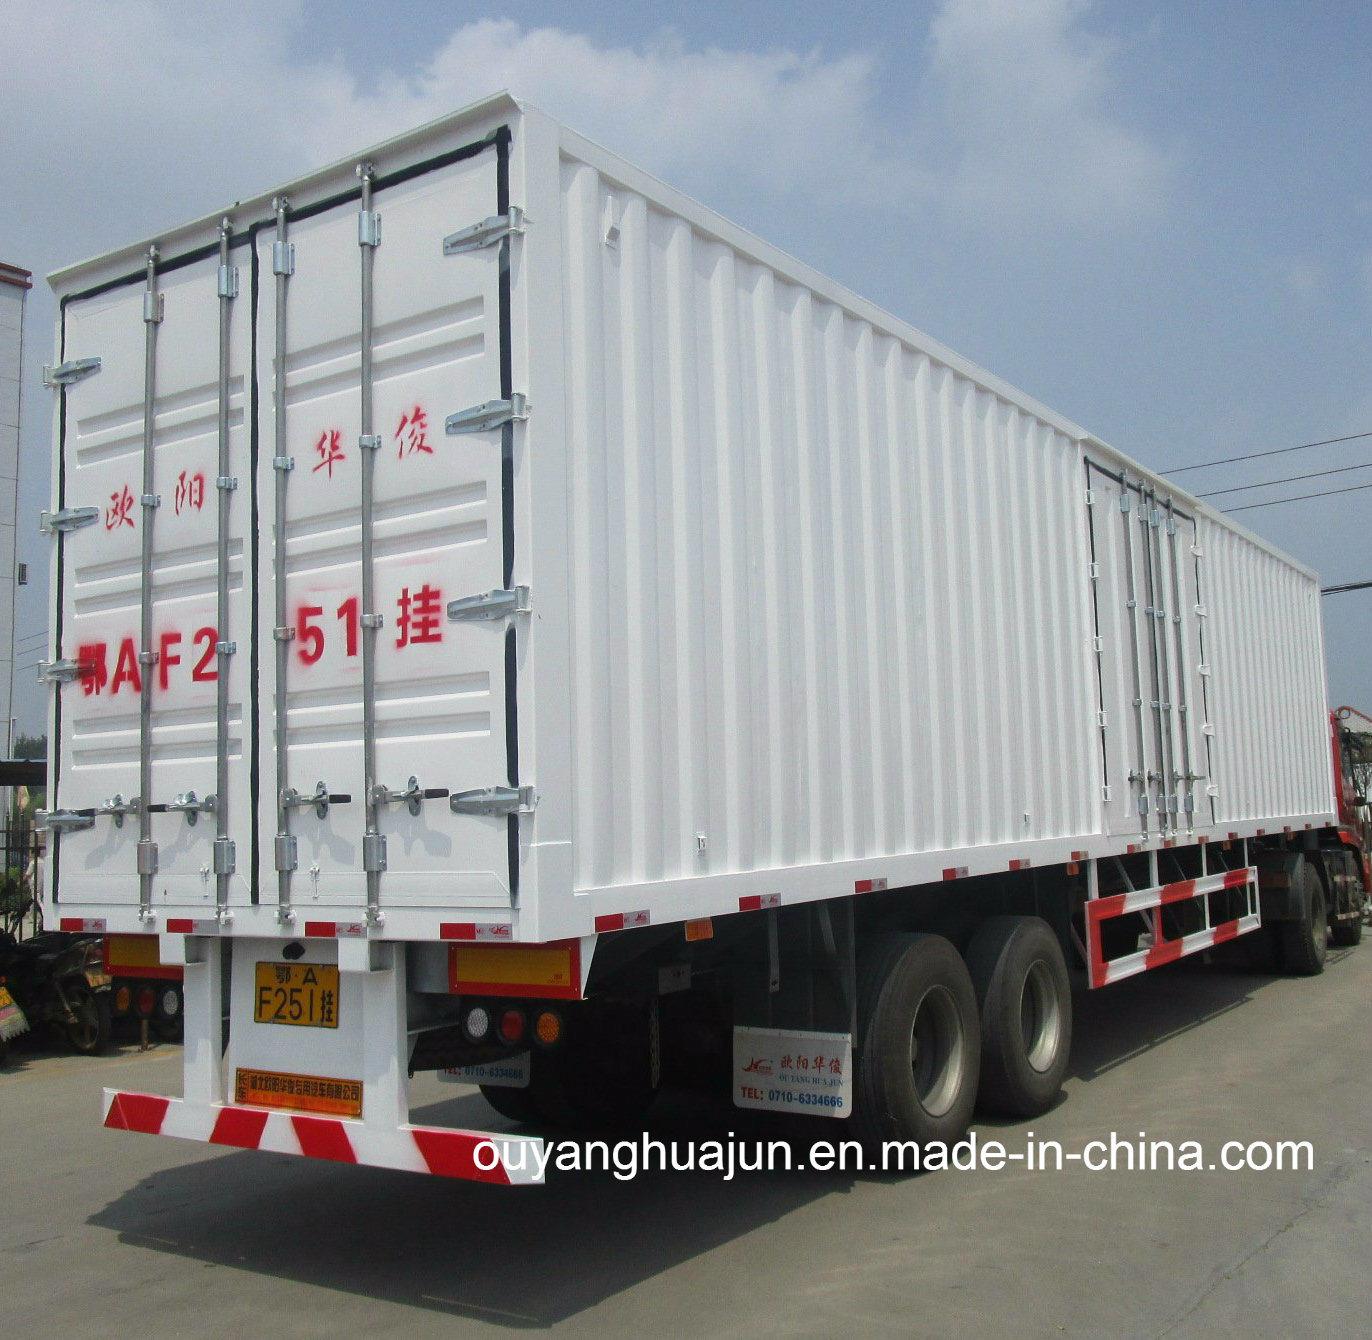 Van Type Container Semitrailer